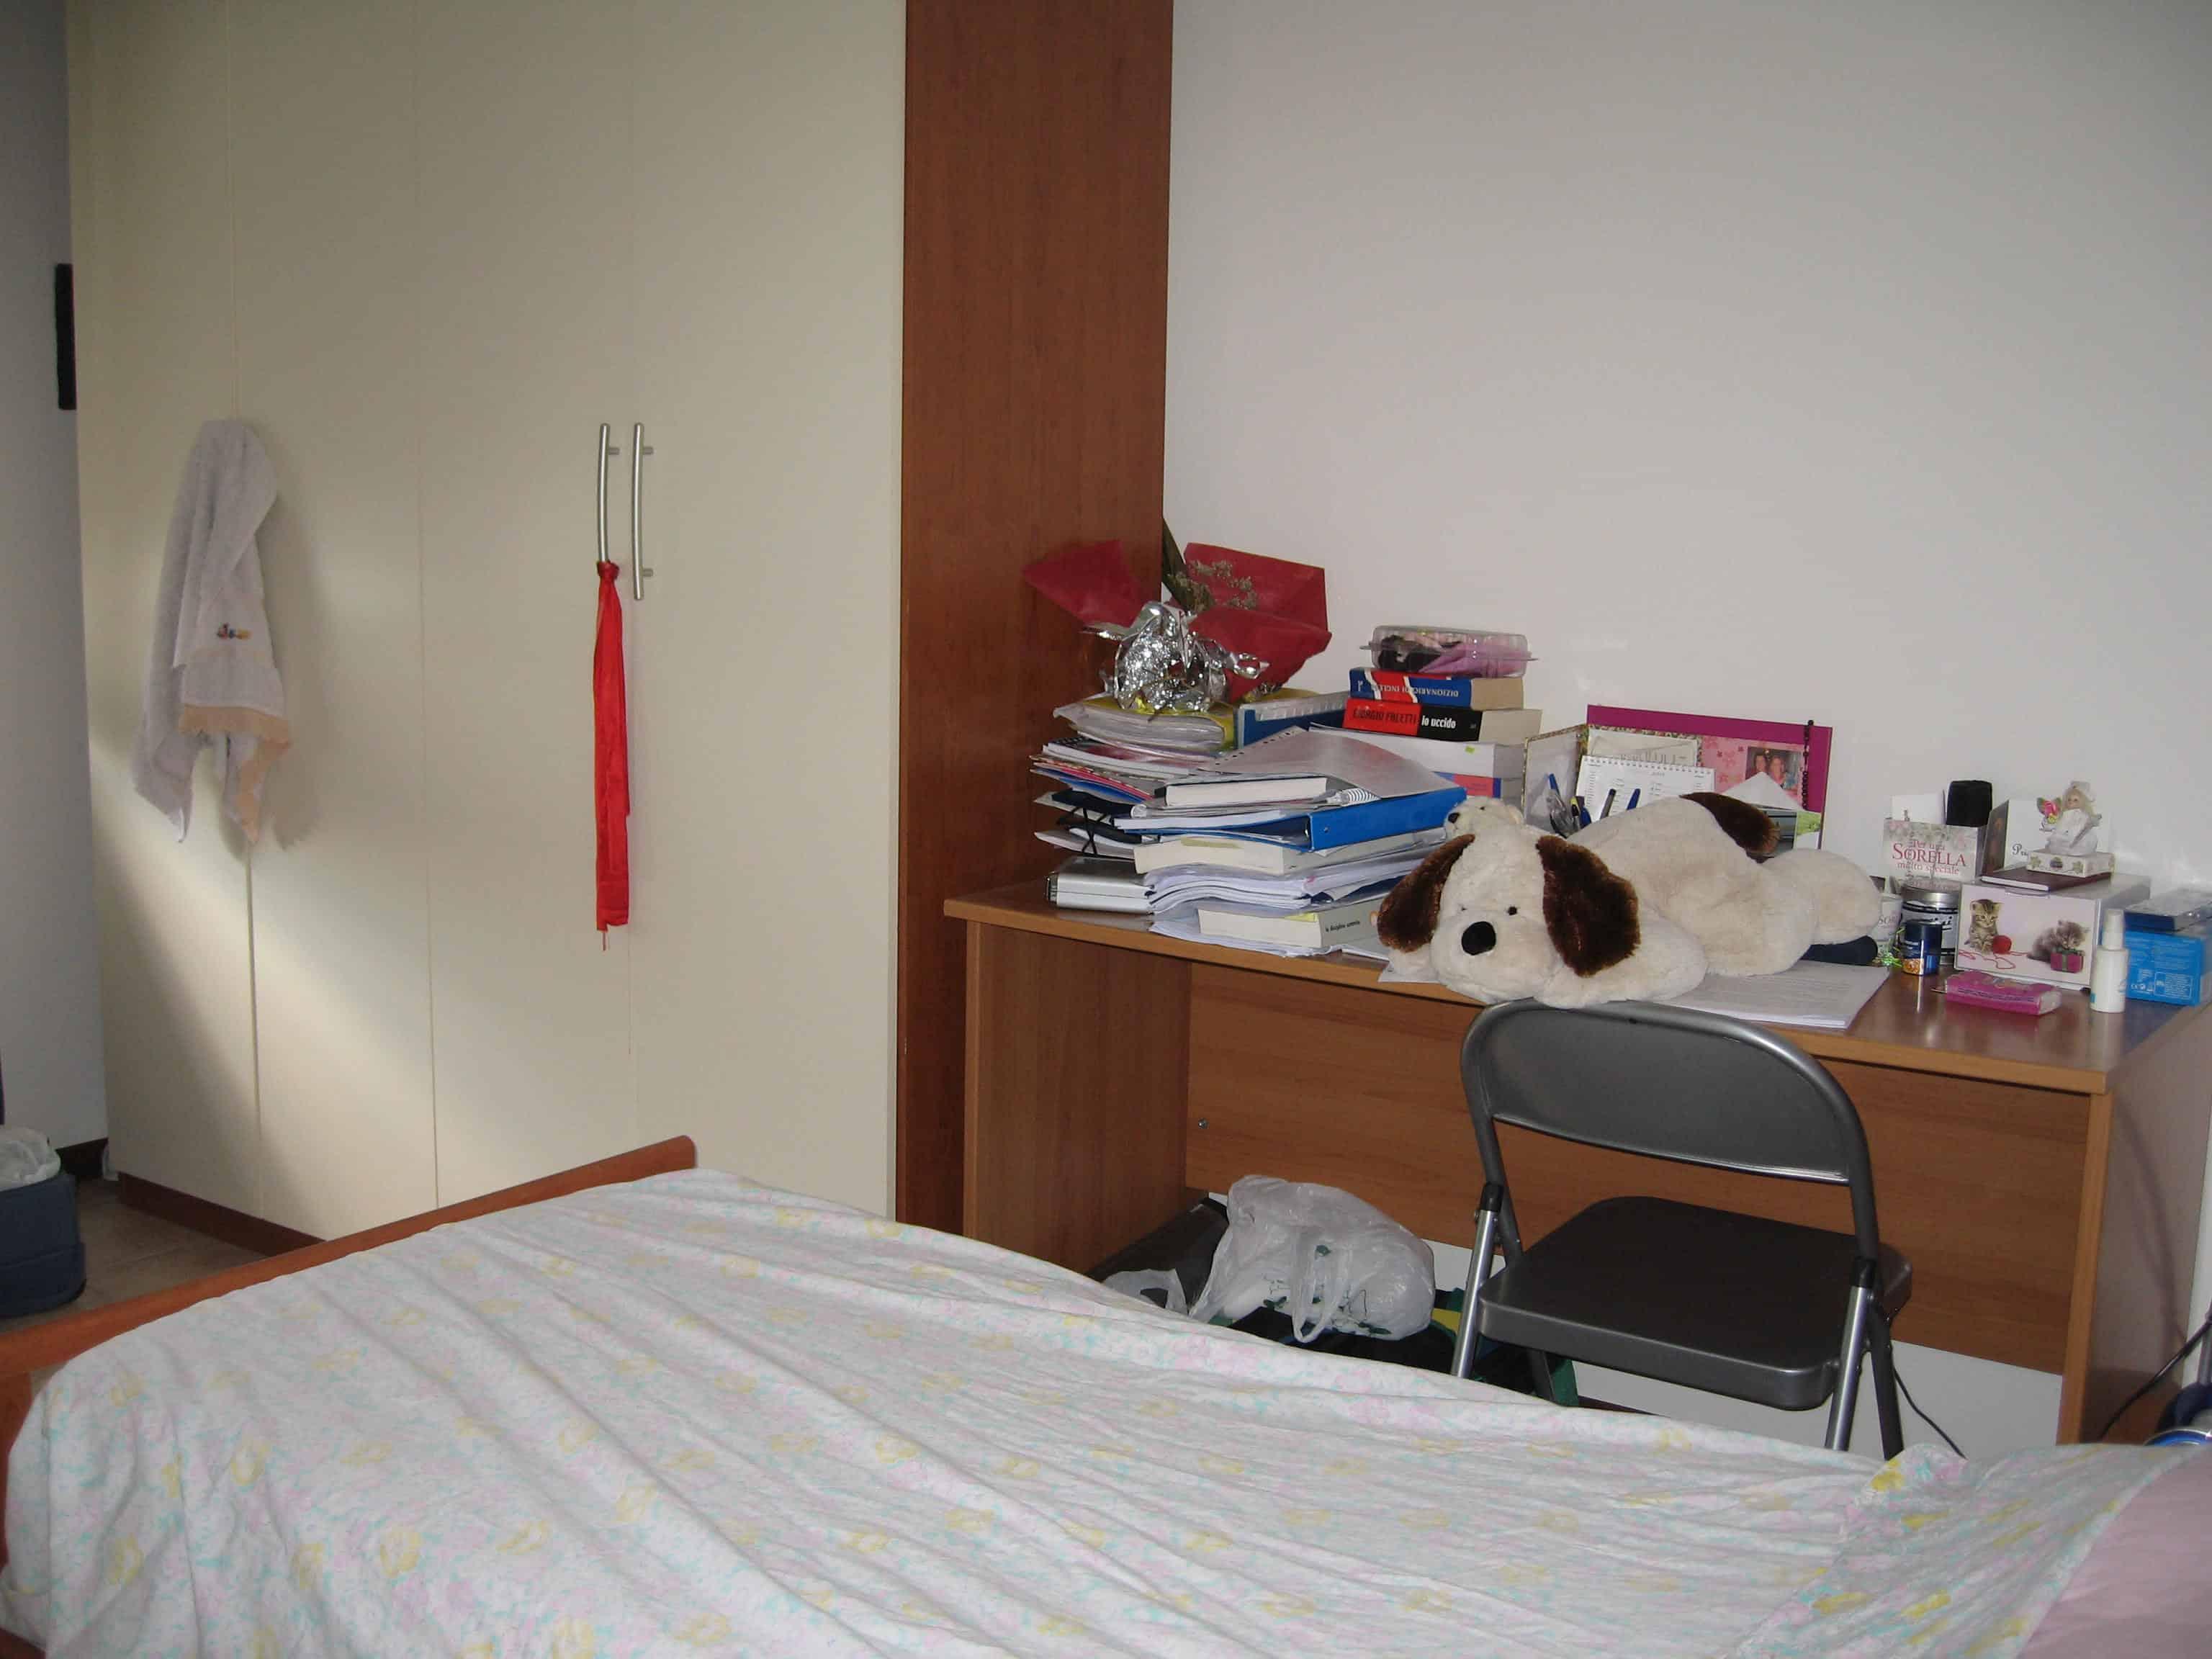 Appartamento per studenti Strada Le Grazie Verona - Camera doppia